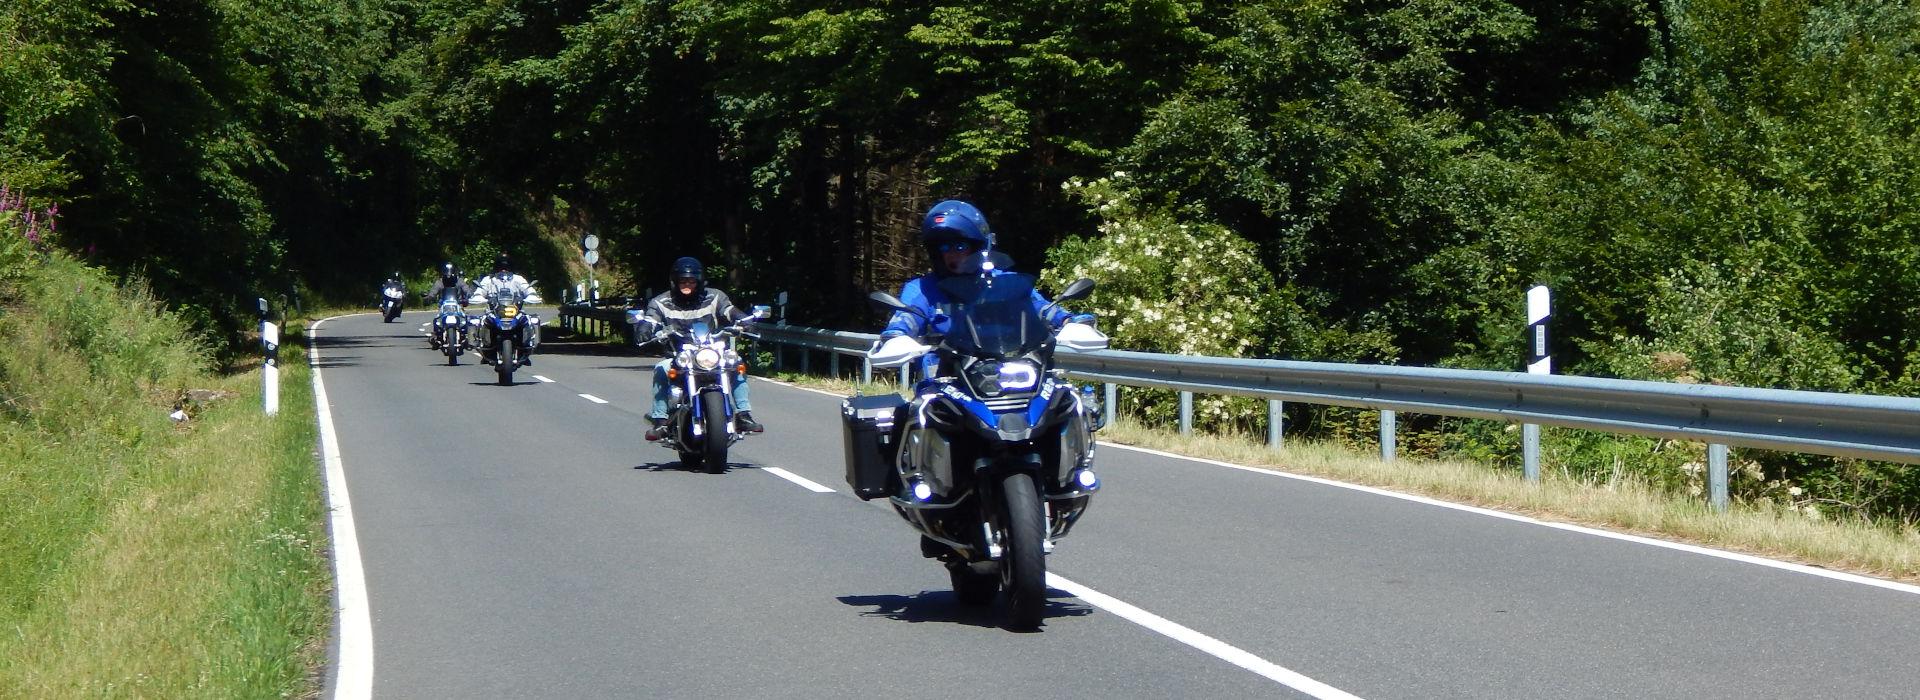 Motorrijbewijspoint Loon op Zand spoed motorrijbewijs